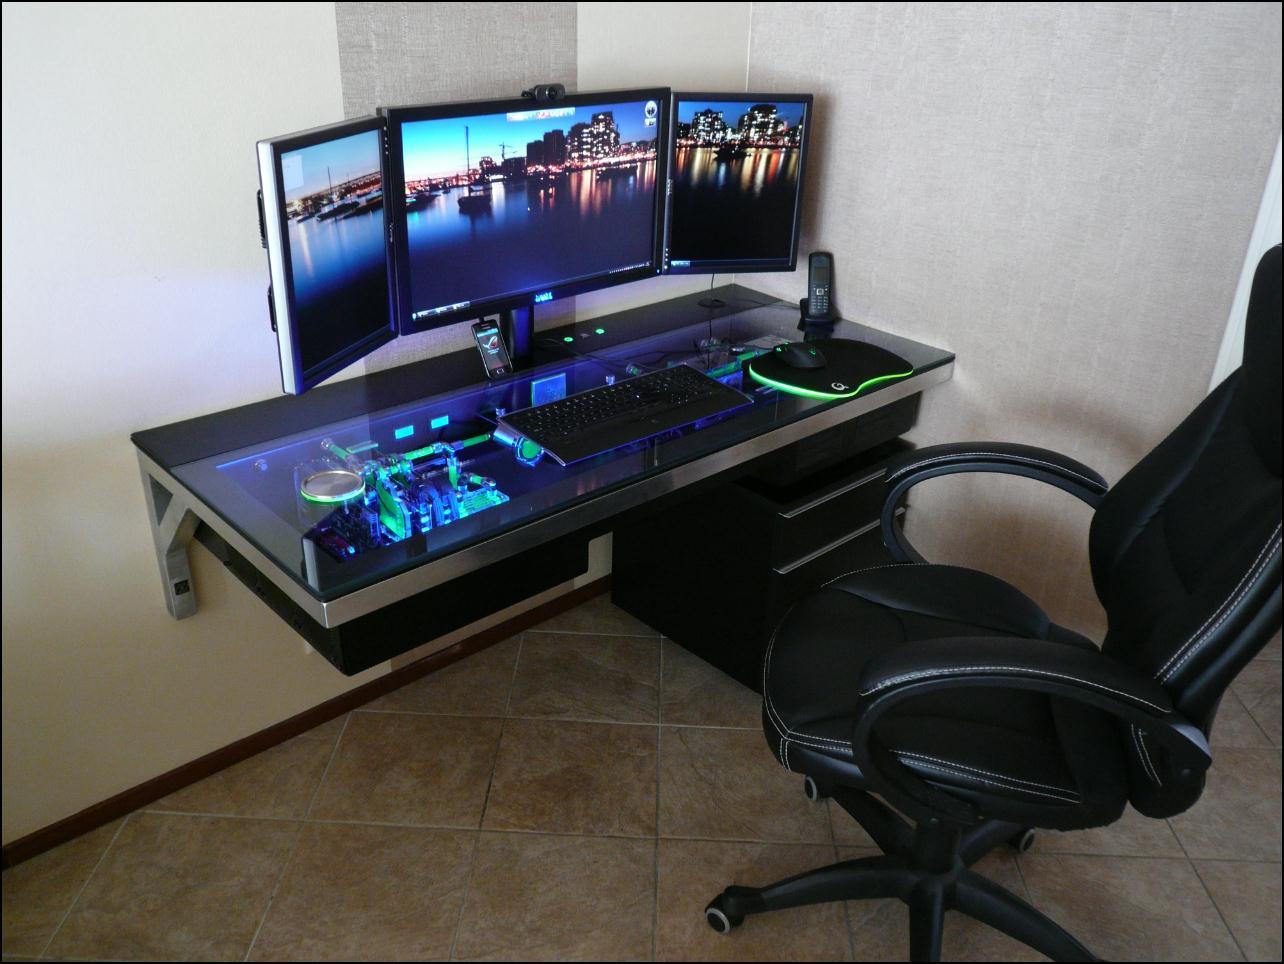 Pc tisch hardware im tisch eingebaut gaming m bel for Gaming pc tisch